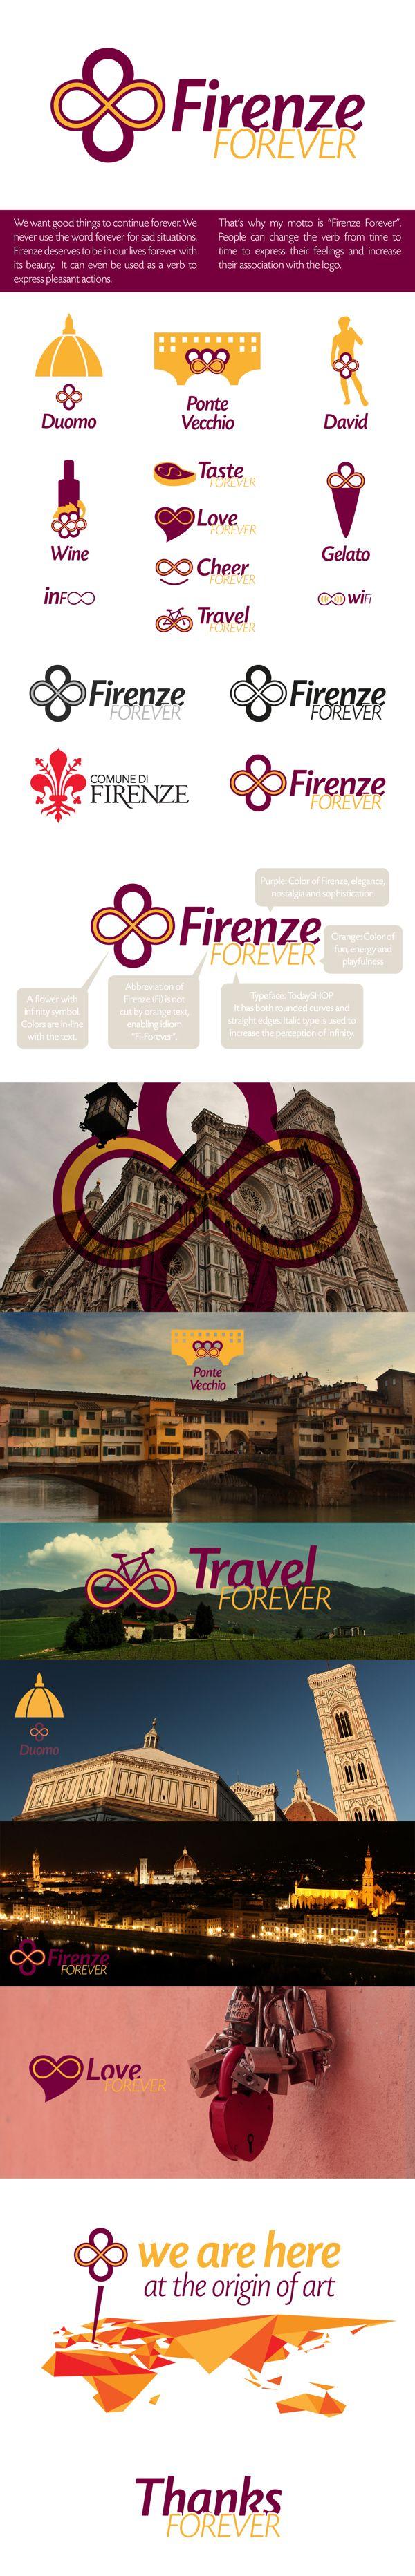 Firenze Forever / City Branding by Utku Civelek, via Behance